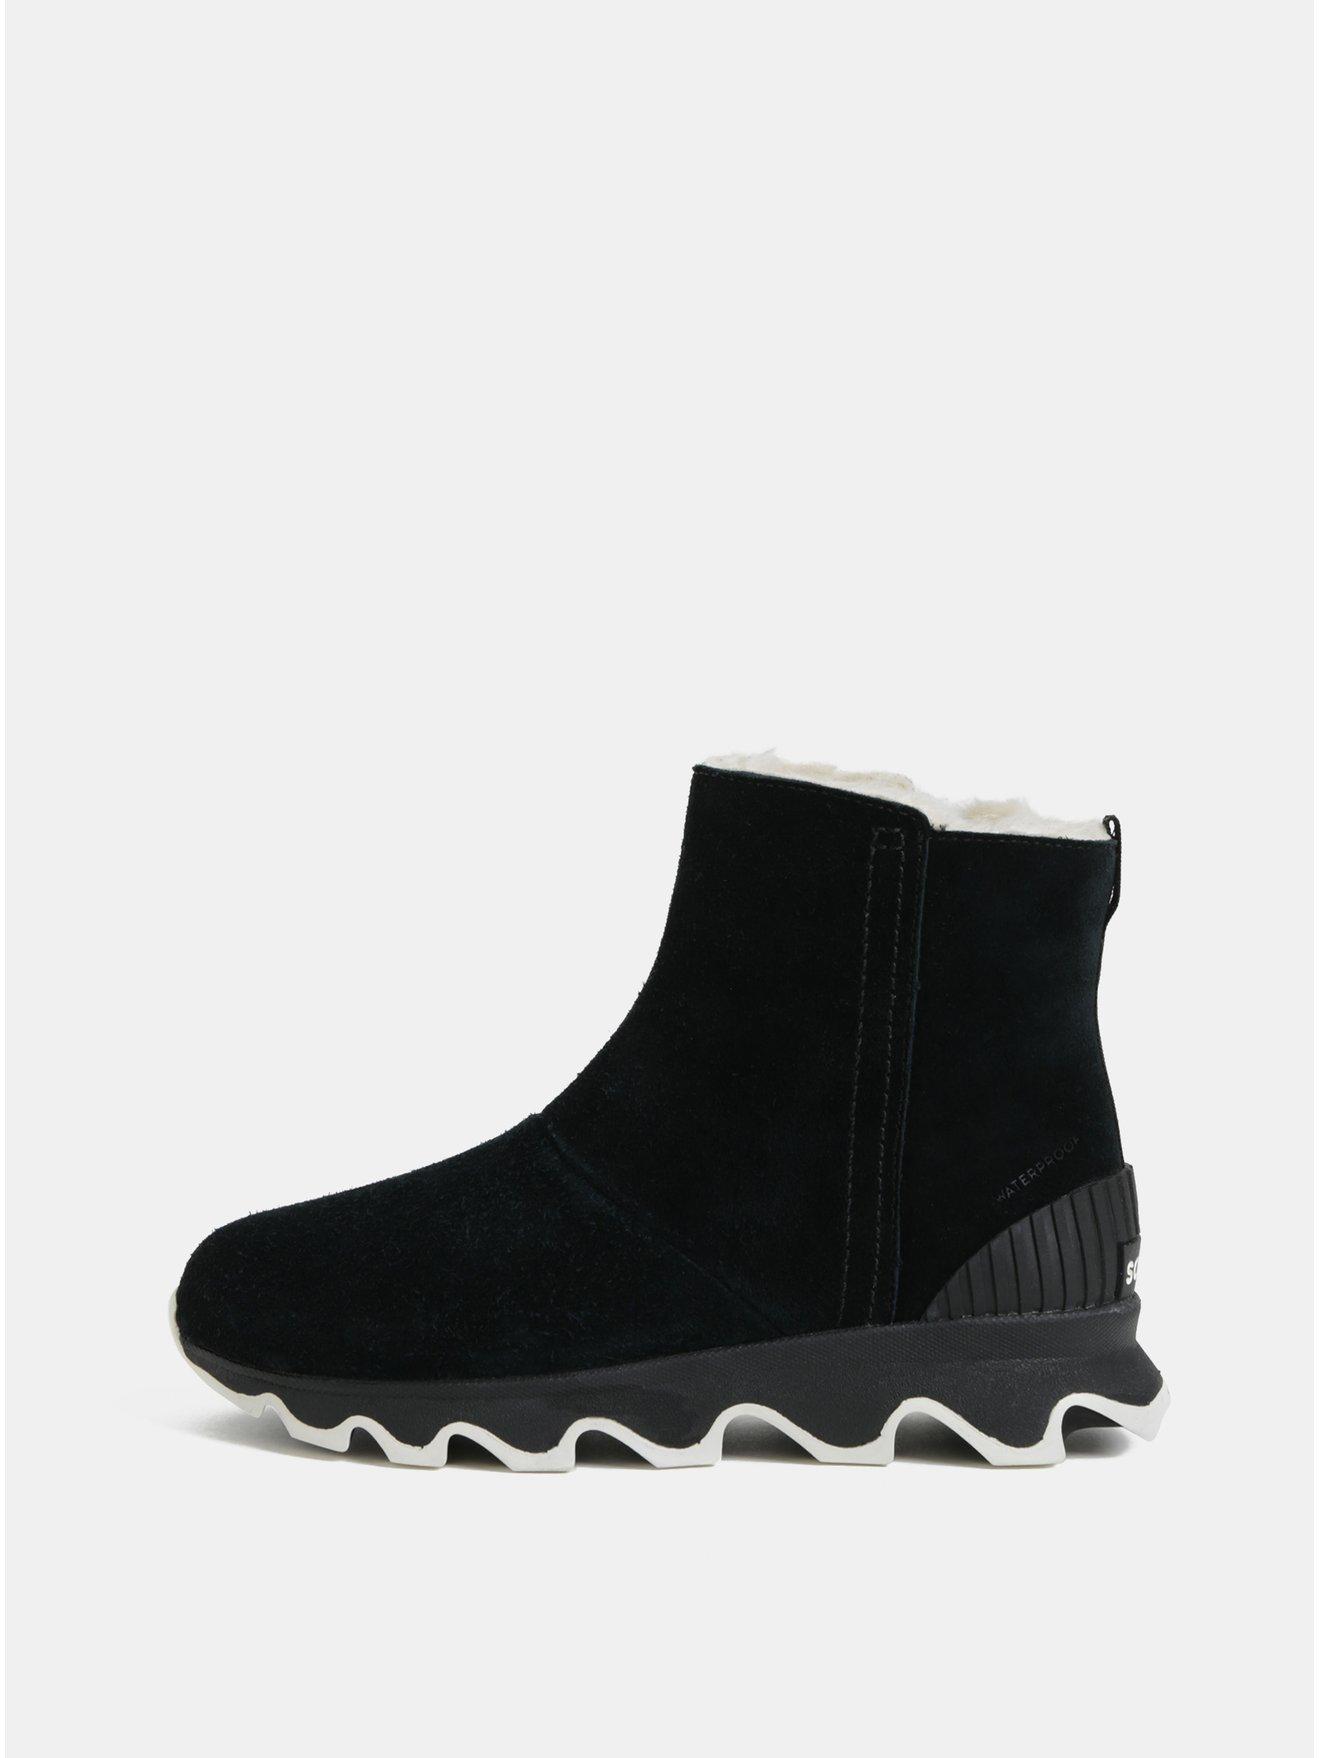 Černé dámské zimní kotníkové voděodolné boty v semišové úpravě SOREL Kinetic 1656534085